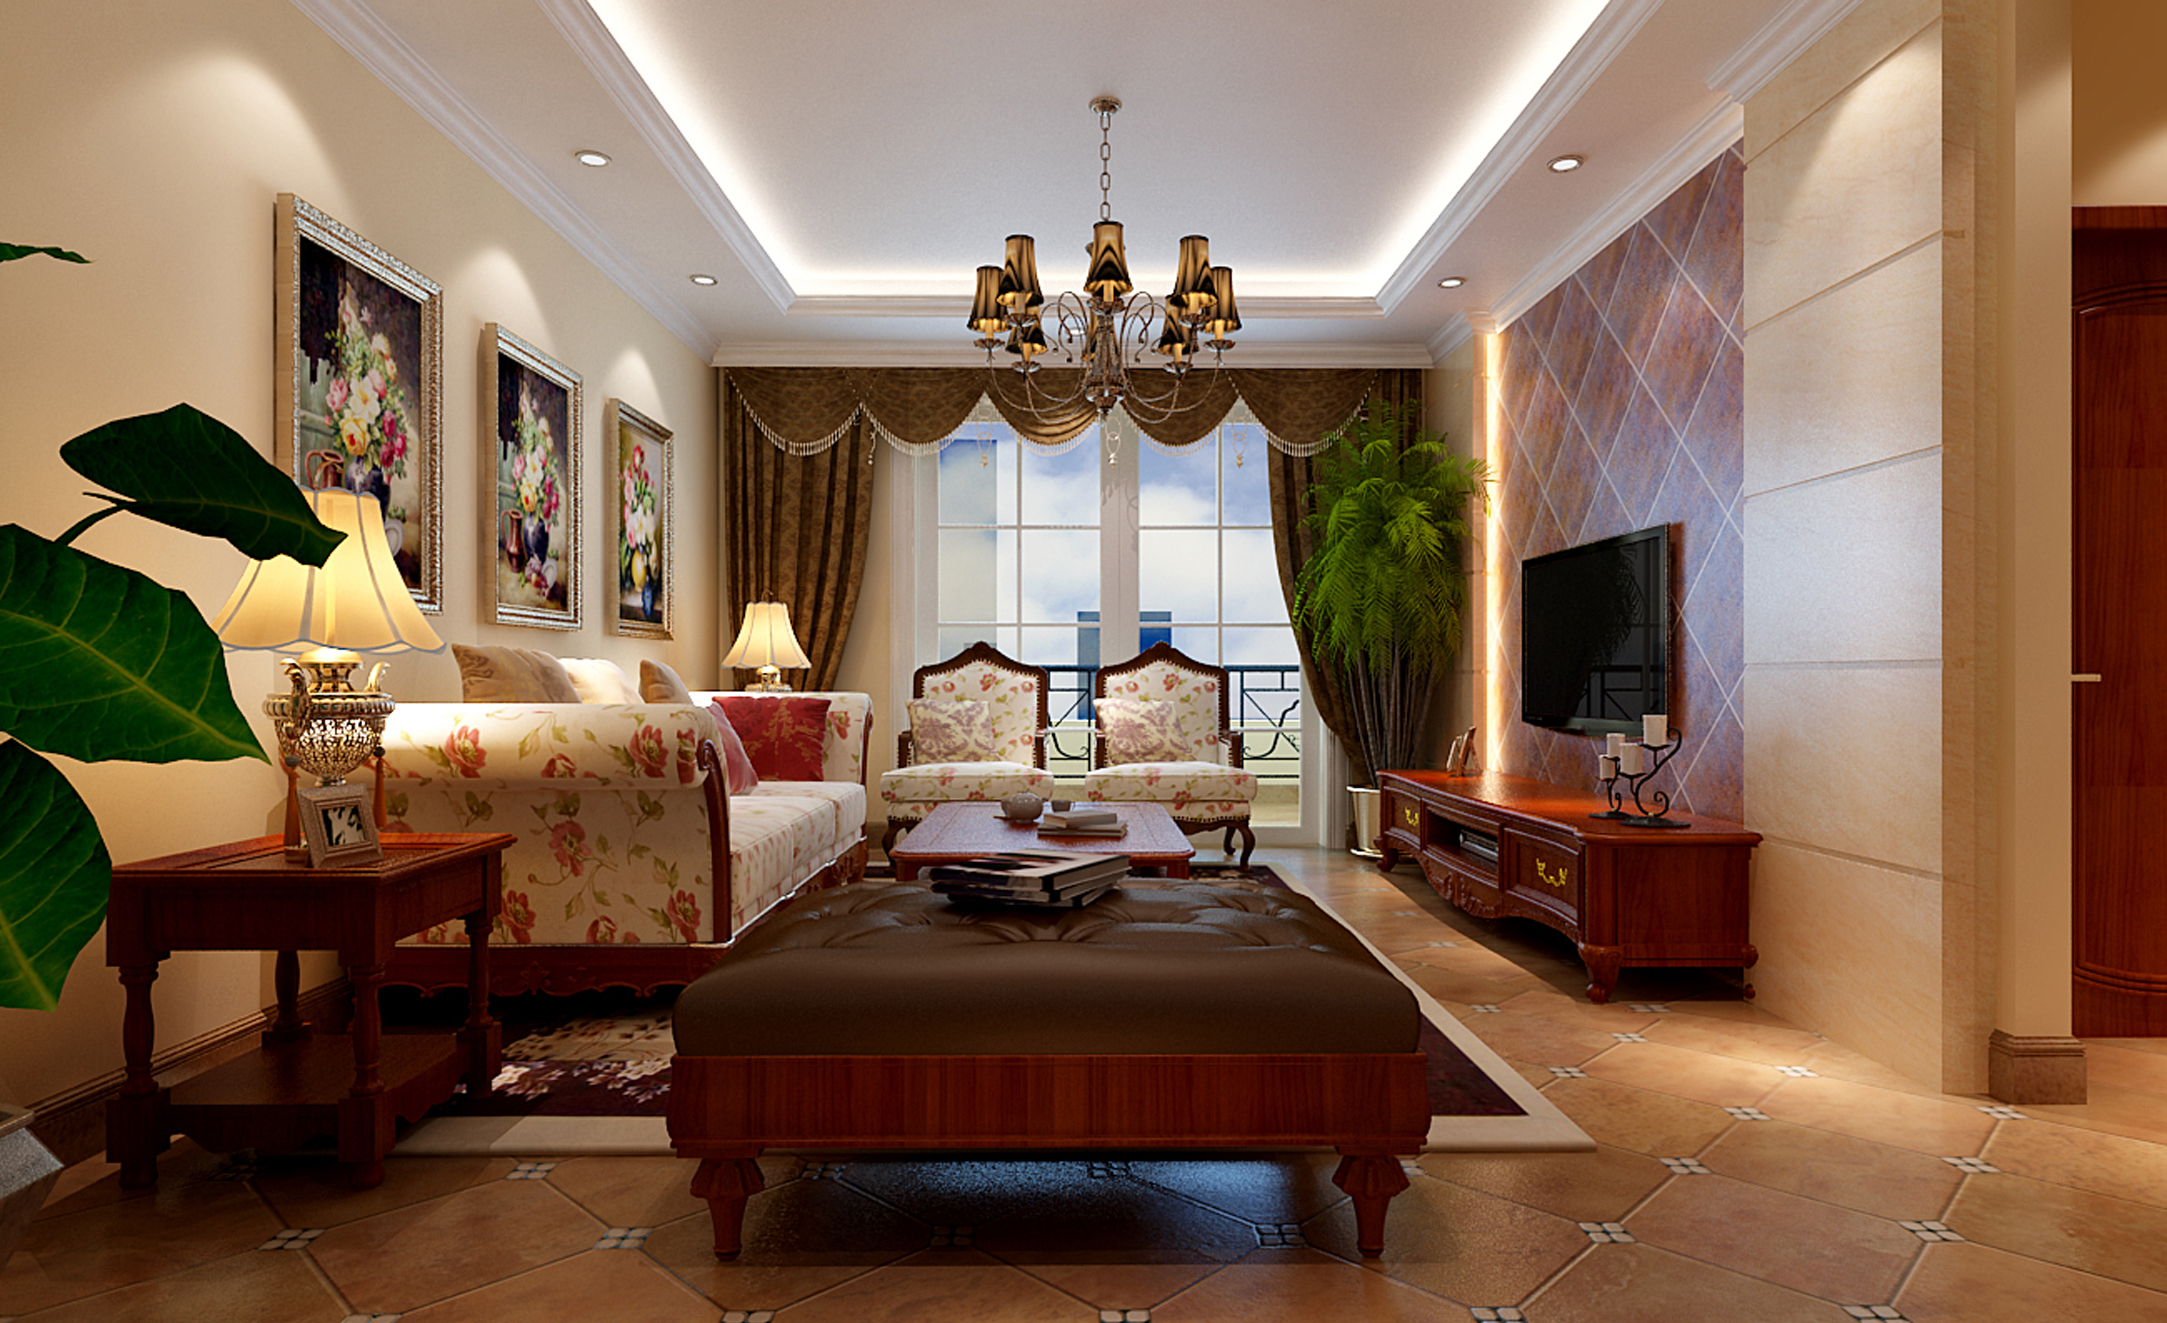 简约 欧式 三居 白领 收纳 80后 小资 美式乡村 浪漫温馨 客厅图片来自北京实创装饰石头在龙湖香醍溪岸美式乡村的分享